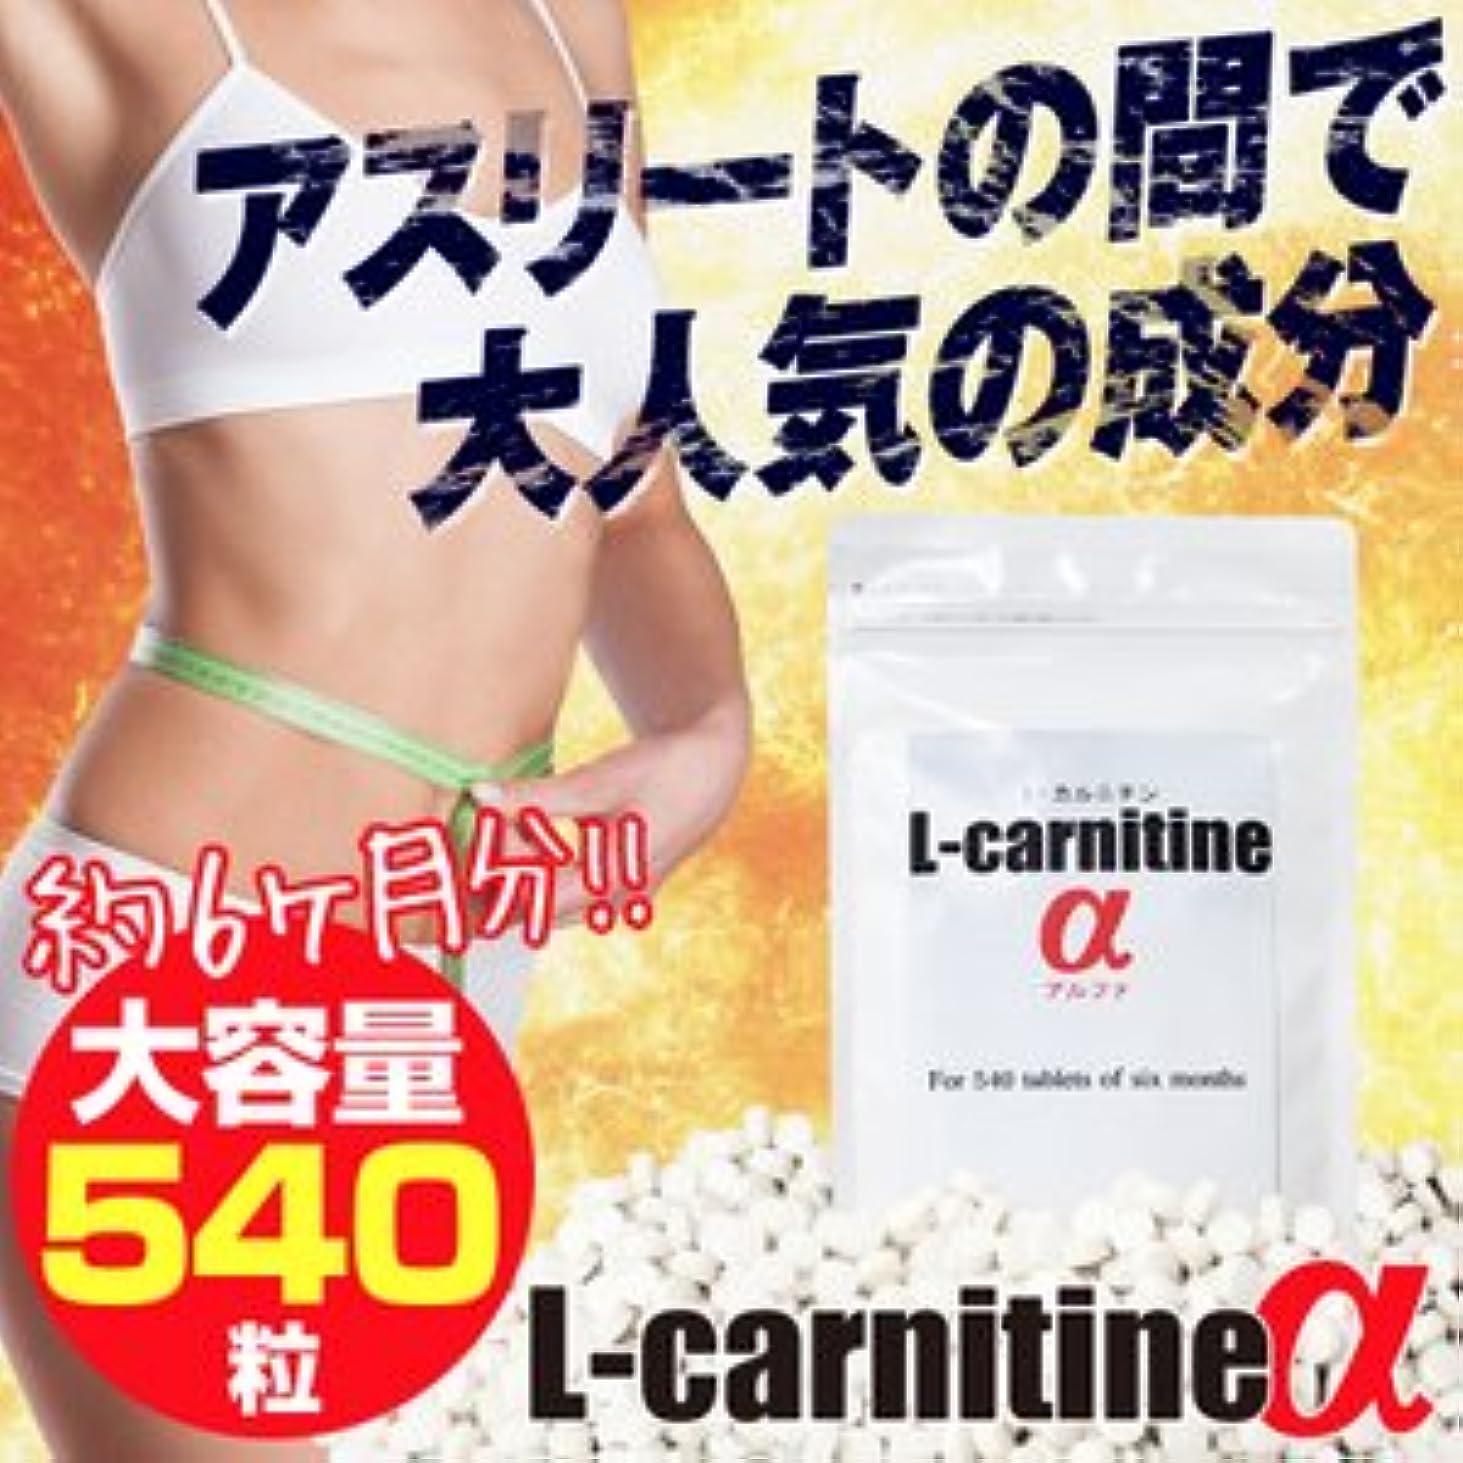 吸収韓国語出発するL-carnitineα(L-カルニチンα)